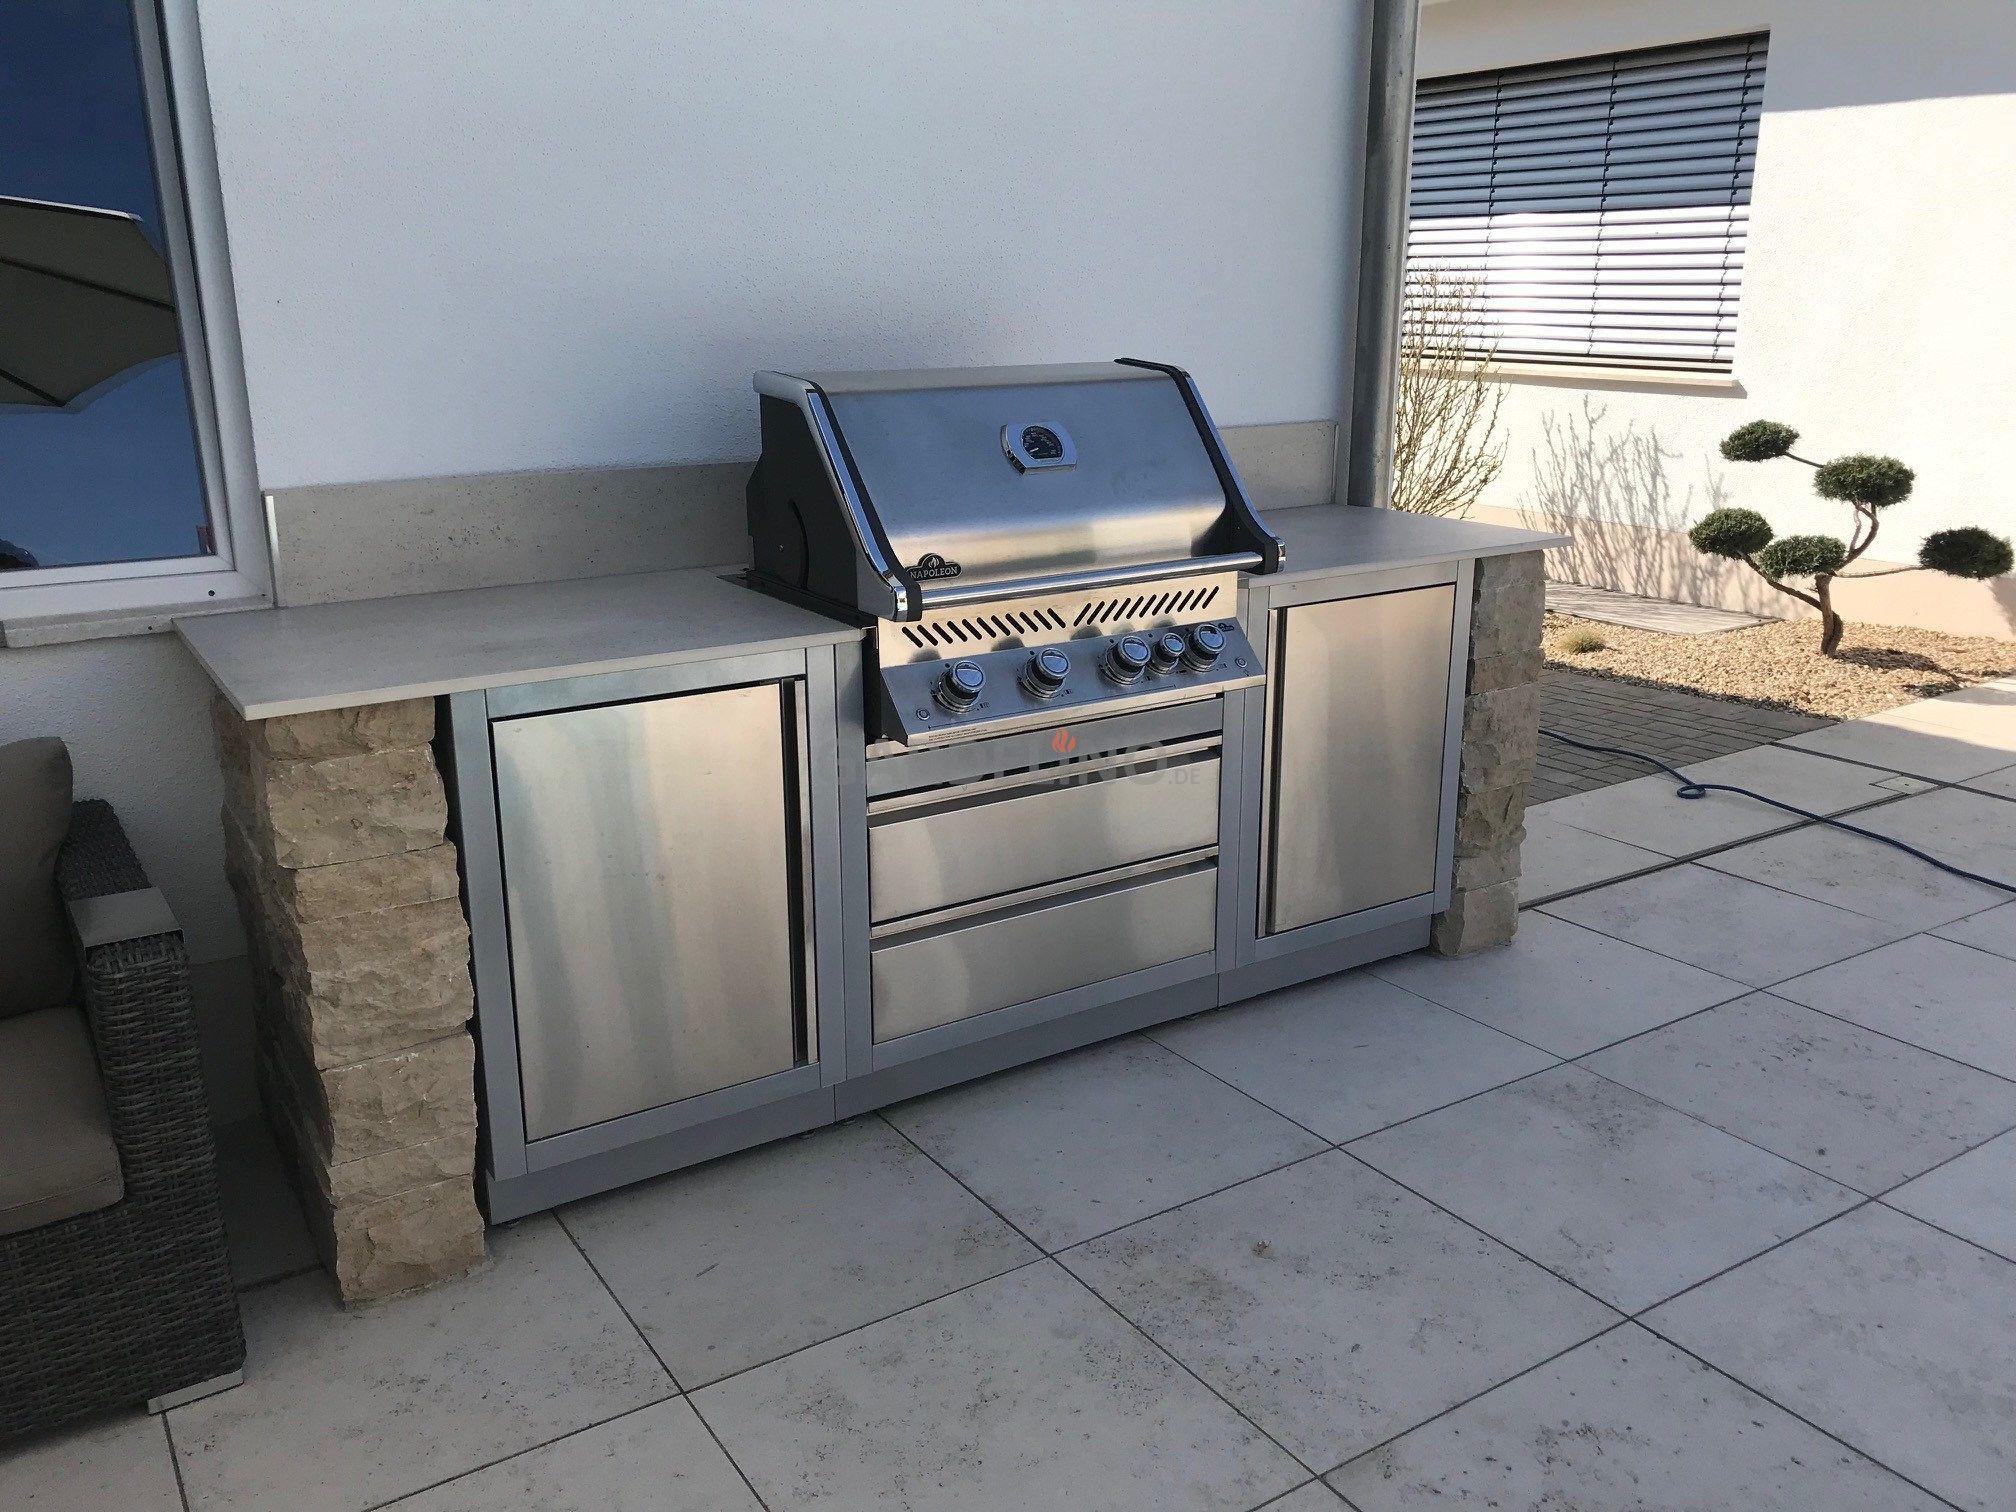 Outdoorküche Napoleon Wikipedia : Outdoorküche napoleon wiki outdoorküche mit grill selber bauen